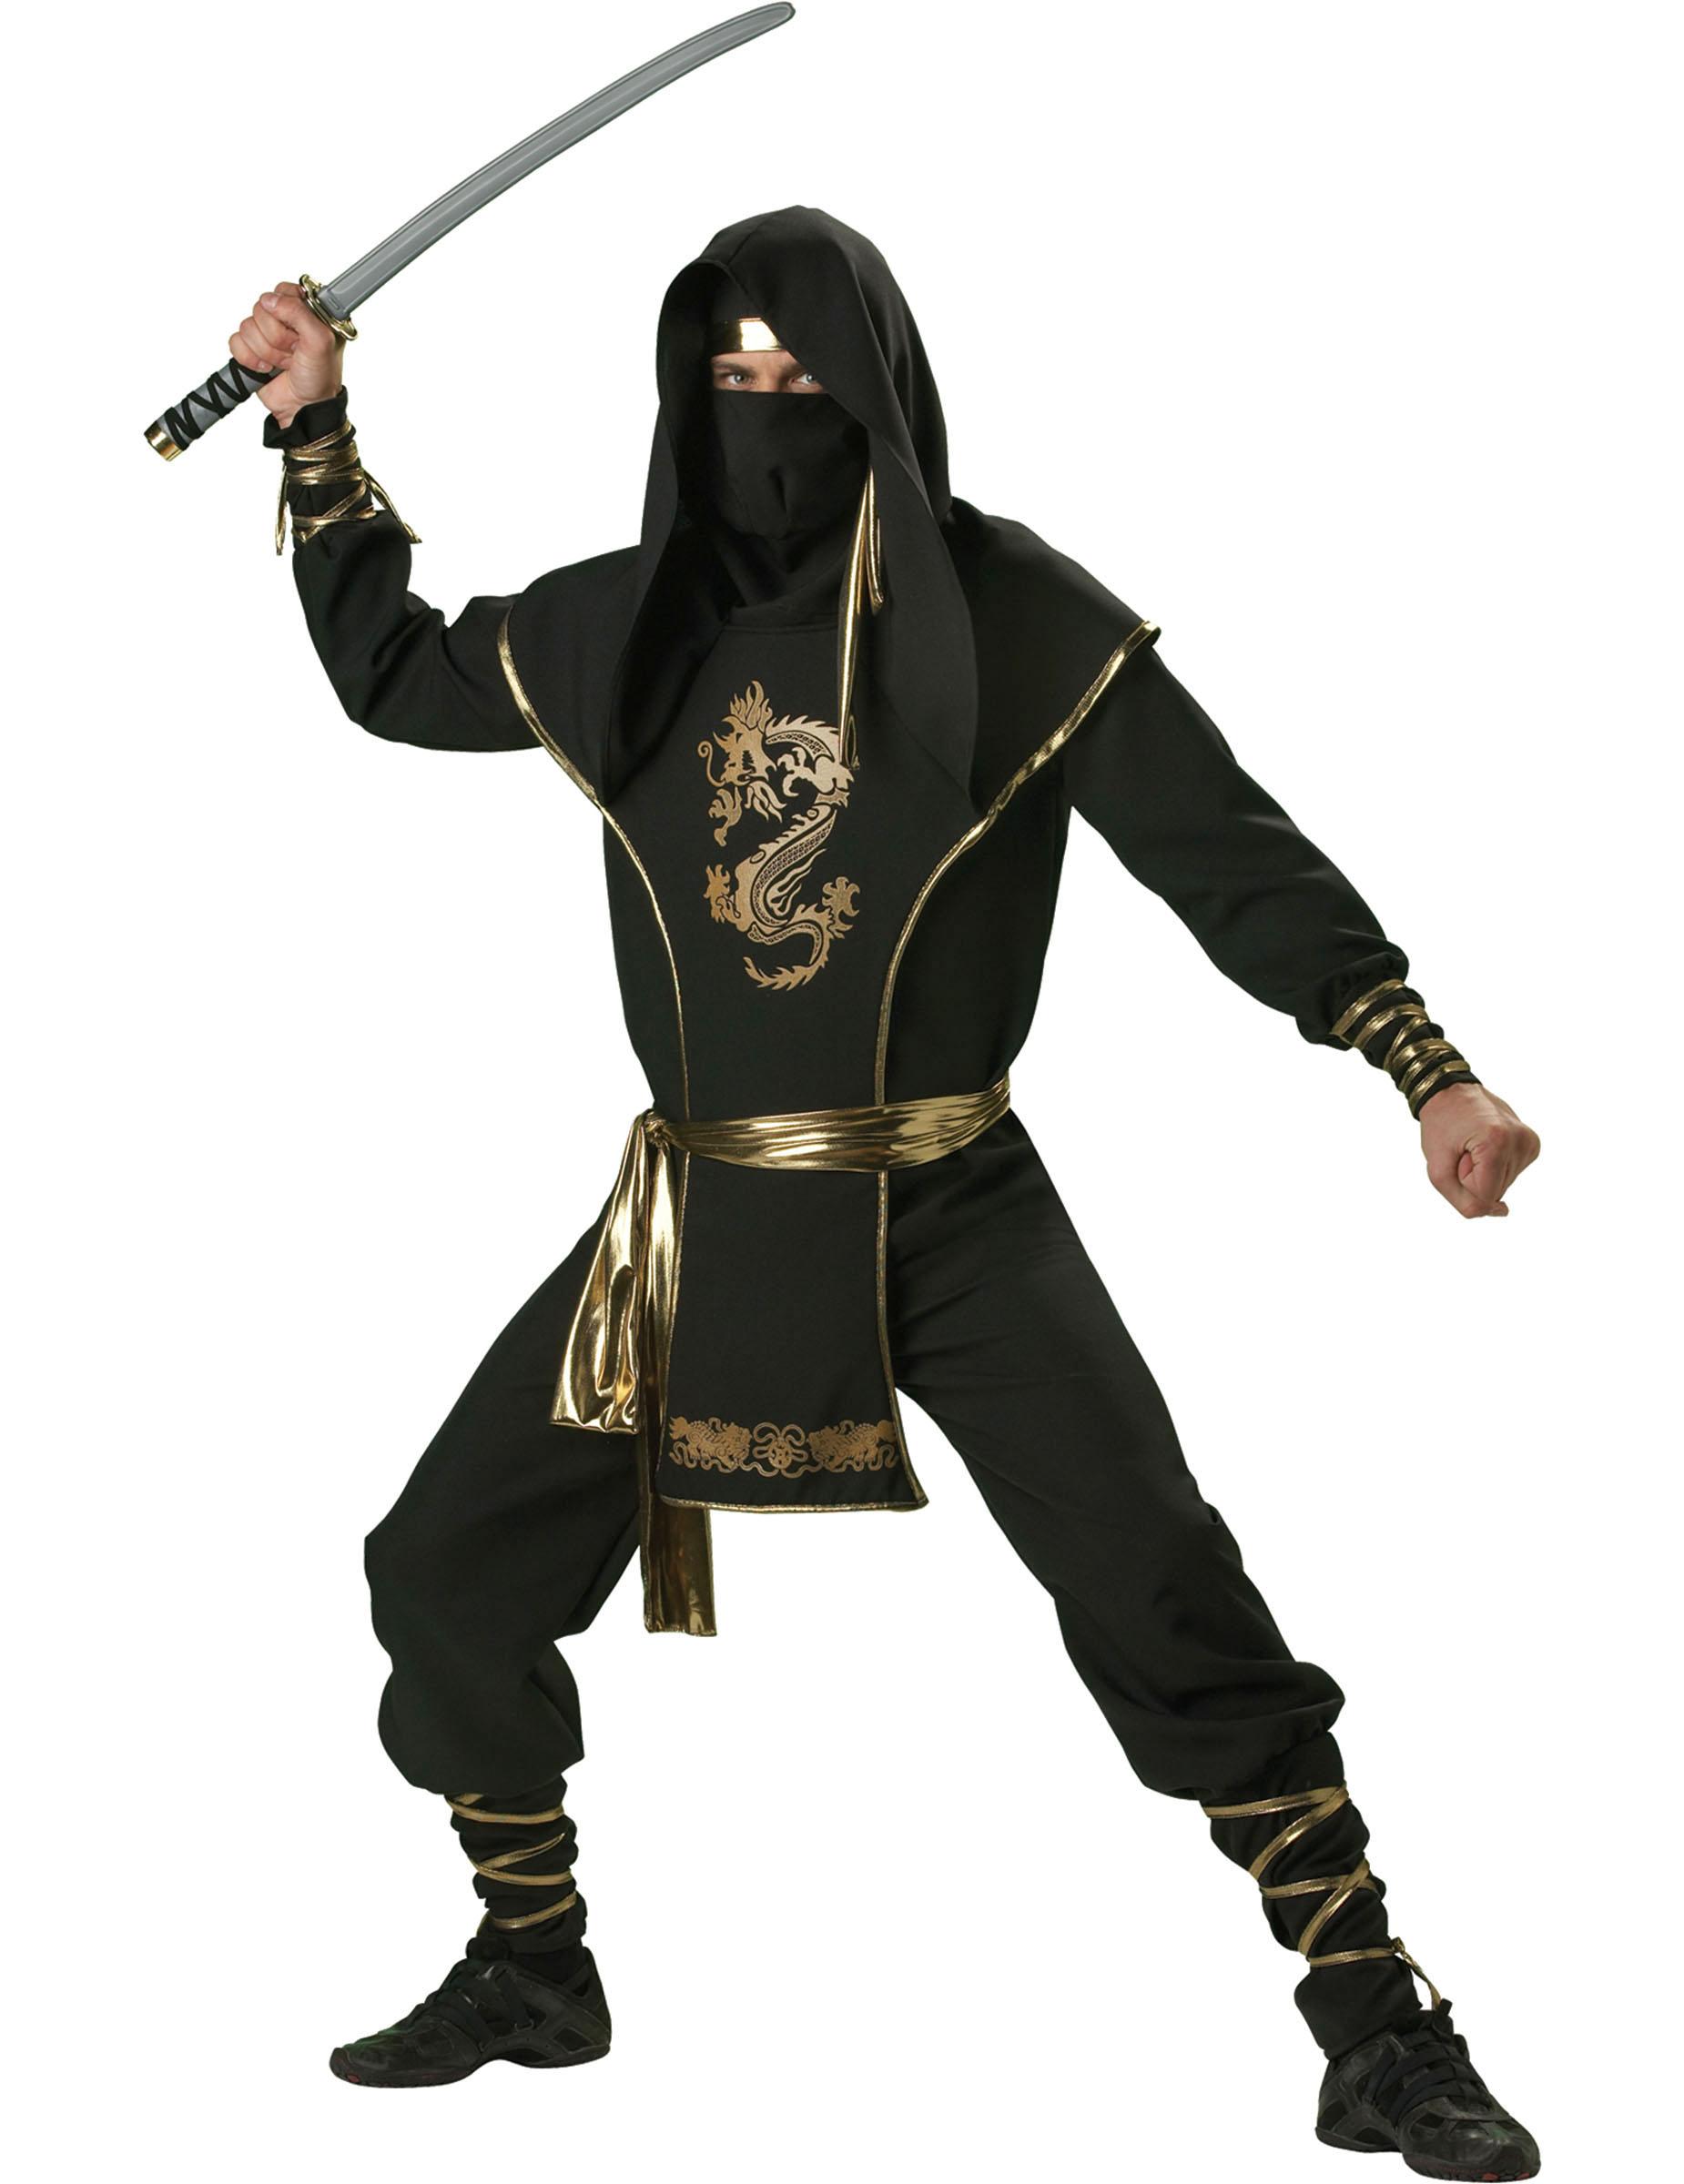 ninja k mpfer kost m schwarz gold g nstige faschings kost me bei karneval megastore. Black Bedroom Furniture Sets. Home Design Ideas